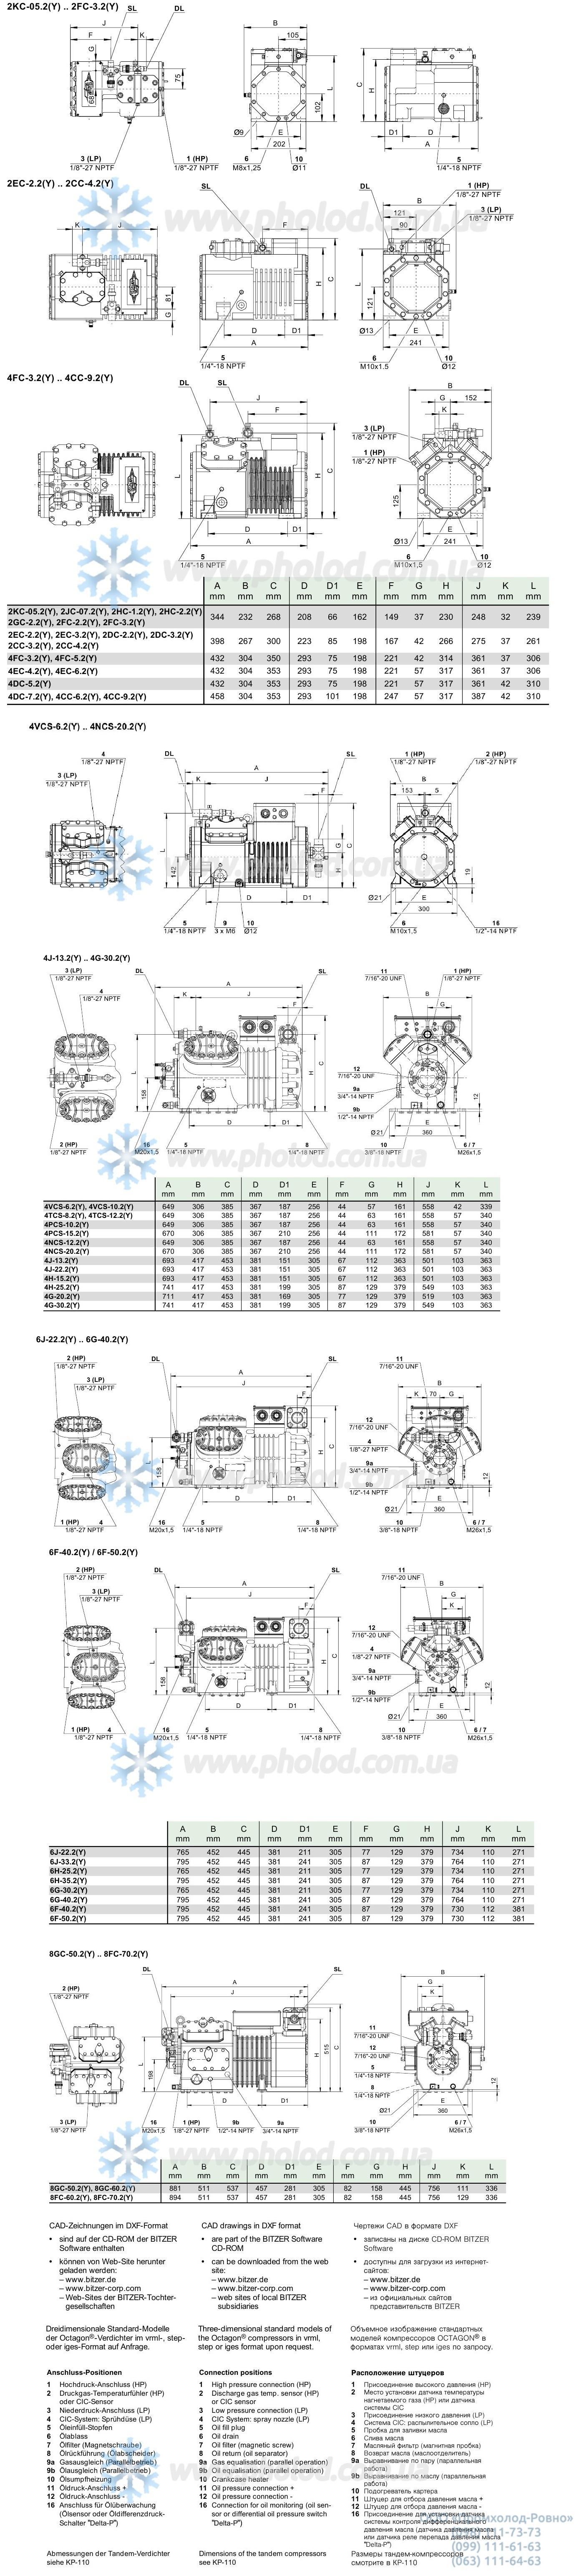 Semi-hermetic Reciprocating Compressors Bitzer dimensions